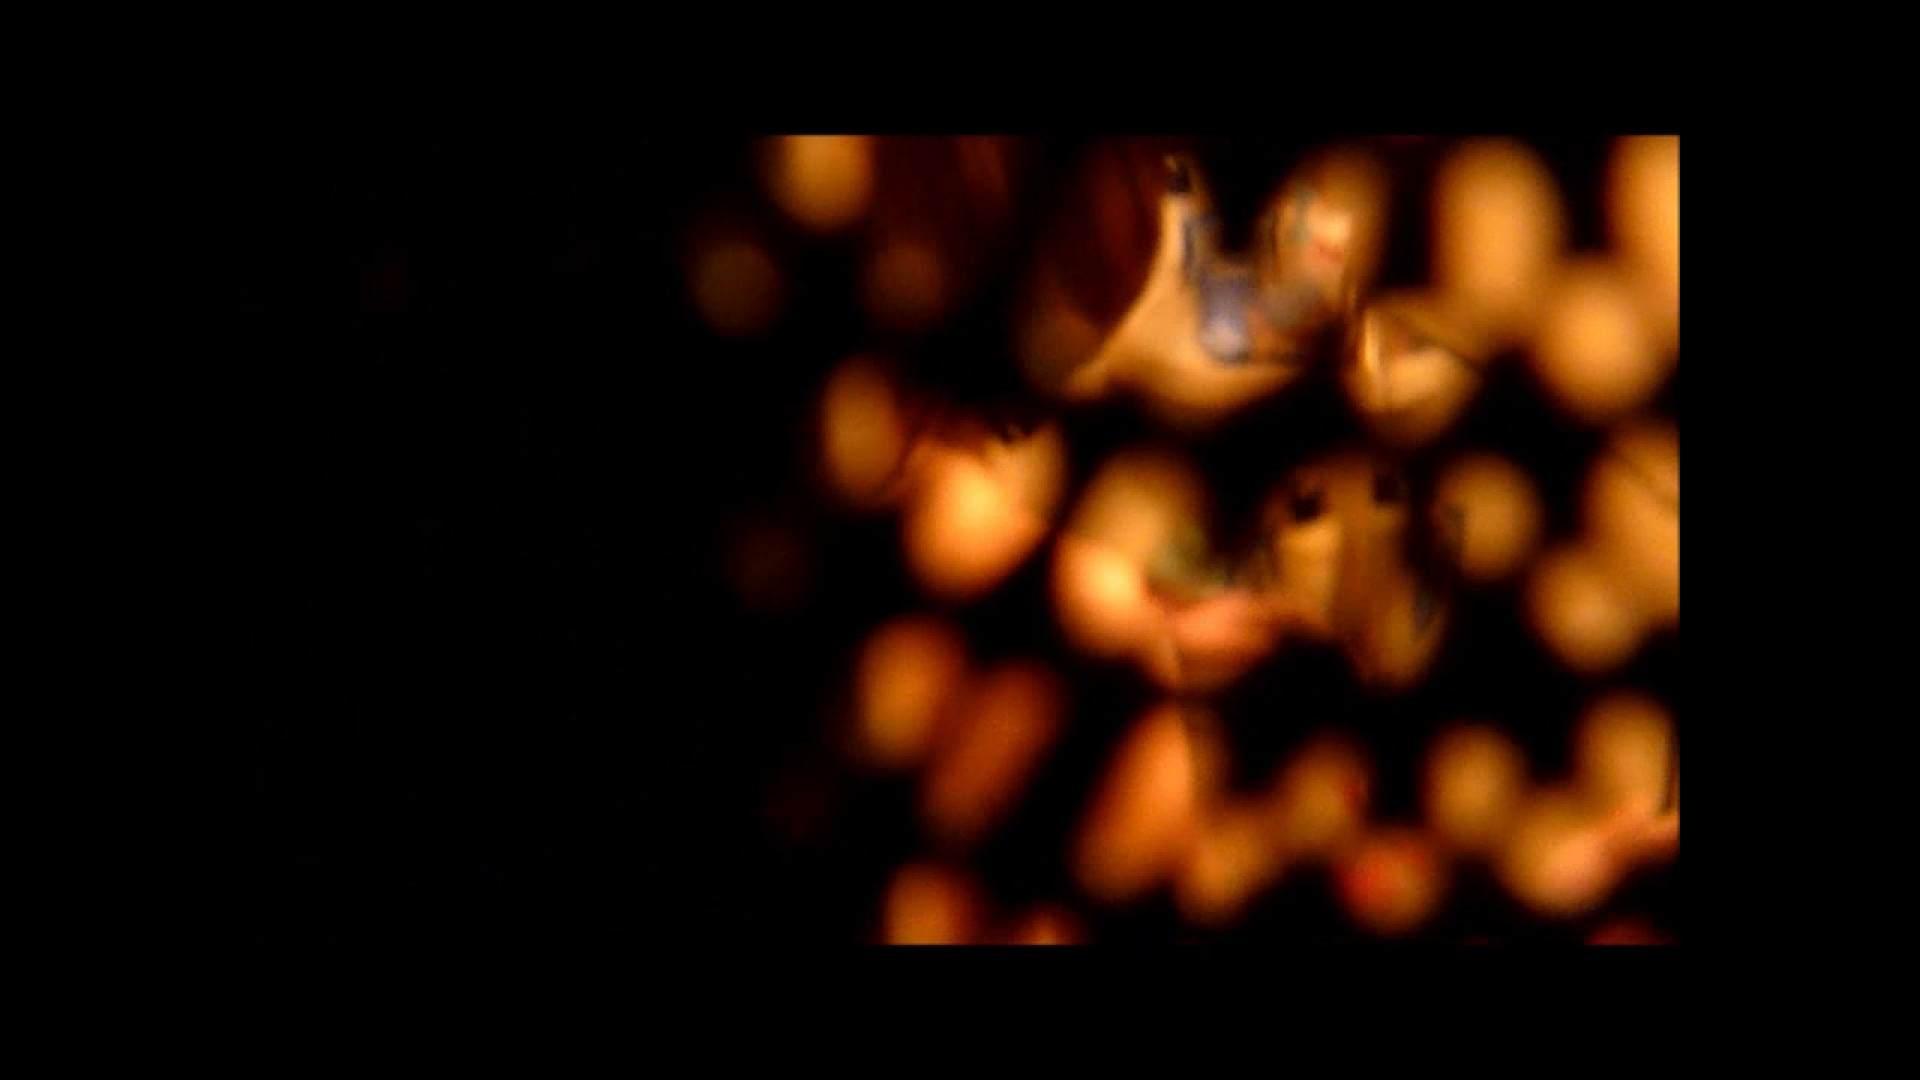 【02】ベランダに侵入して張り込みを始めて・・・やっと結果が出ました。 家宅侵入 | 0  82画像 4